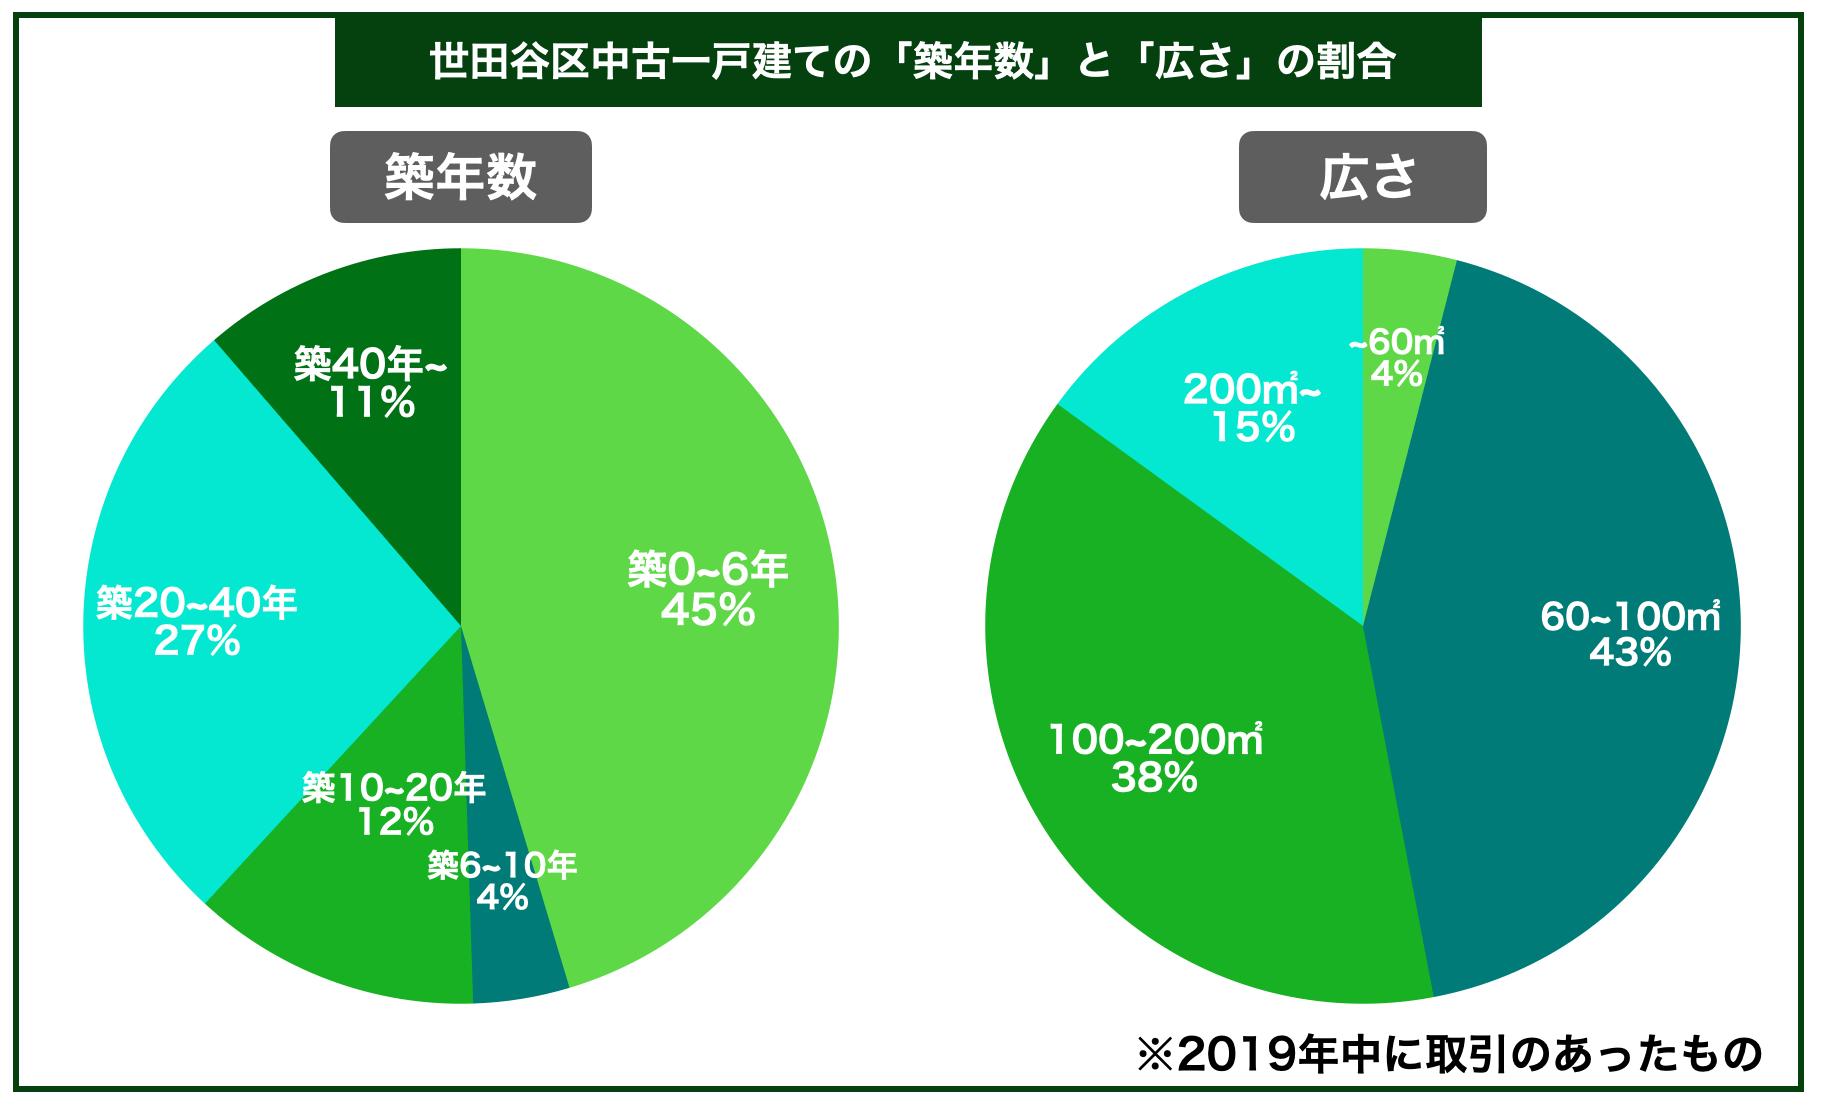 世田谷区中古一戸建ての平均築年数と広さの割合